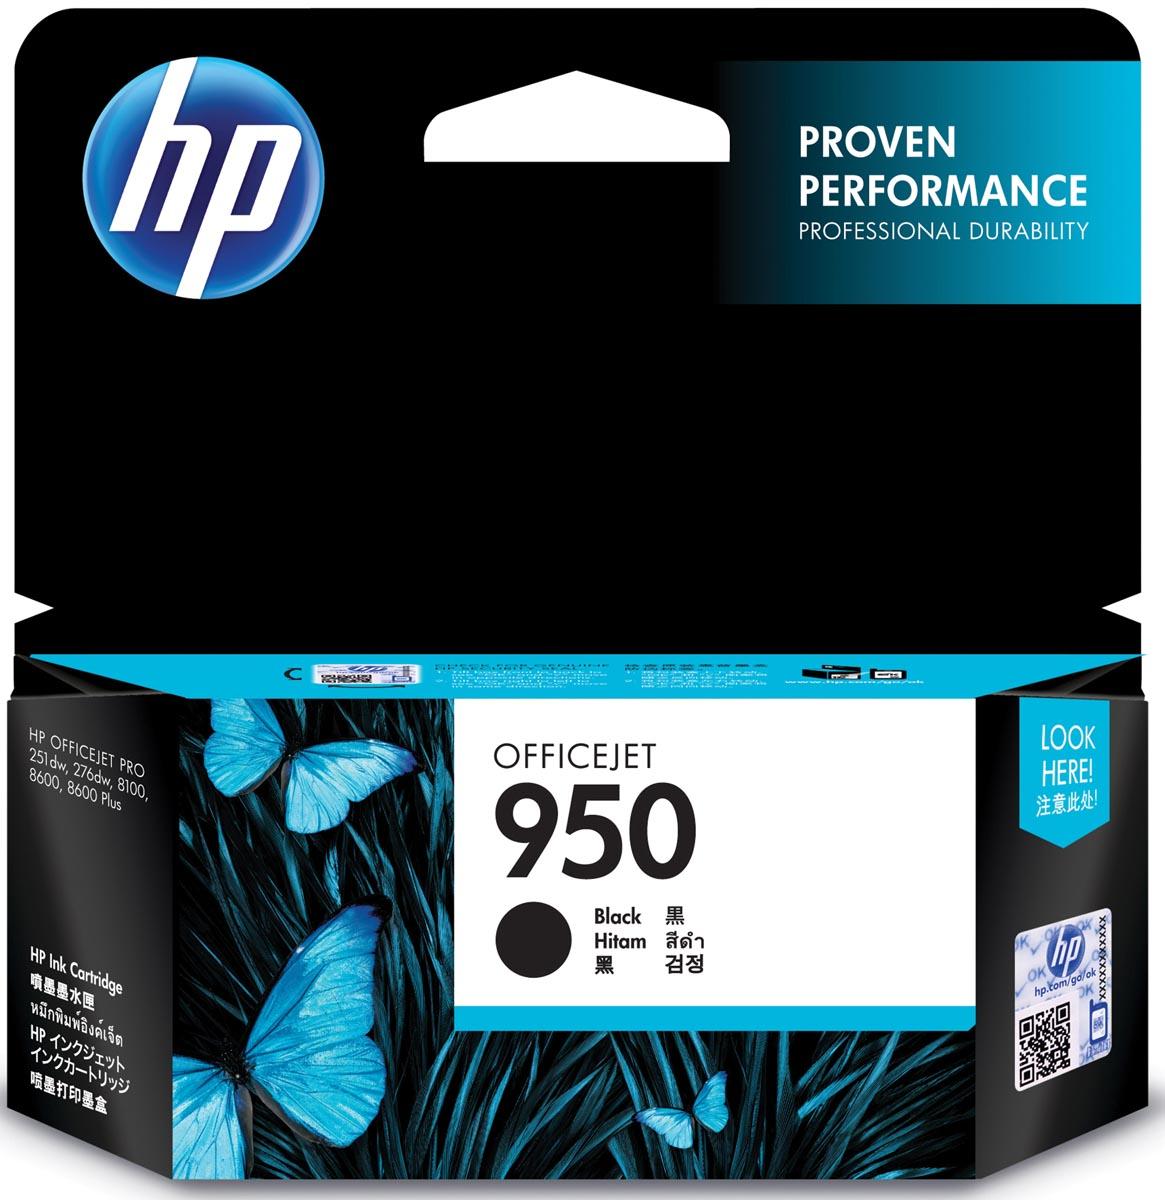 HP inktcartridge 950, 1 000 paginas, OEM CN049AE, zwart